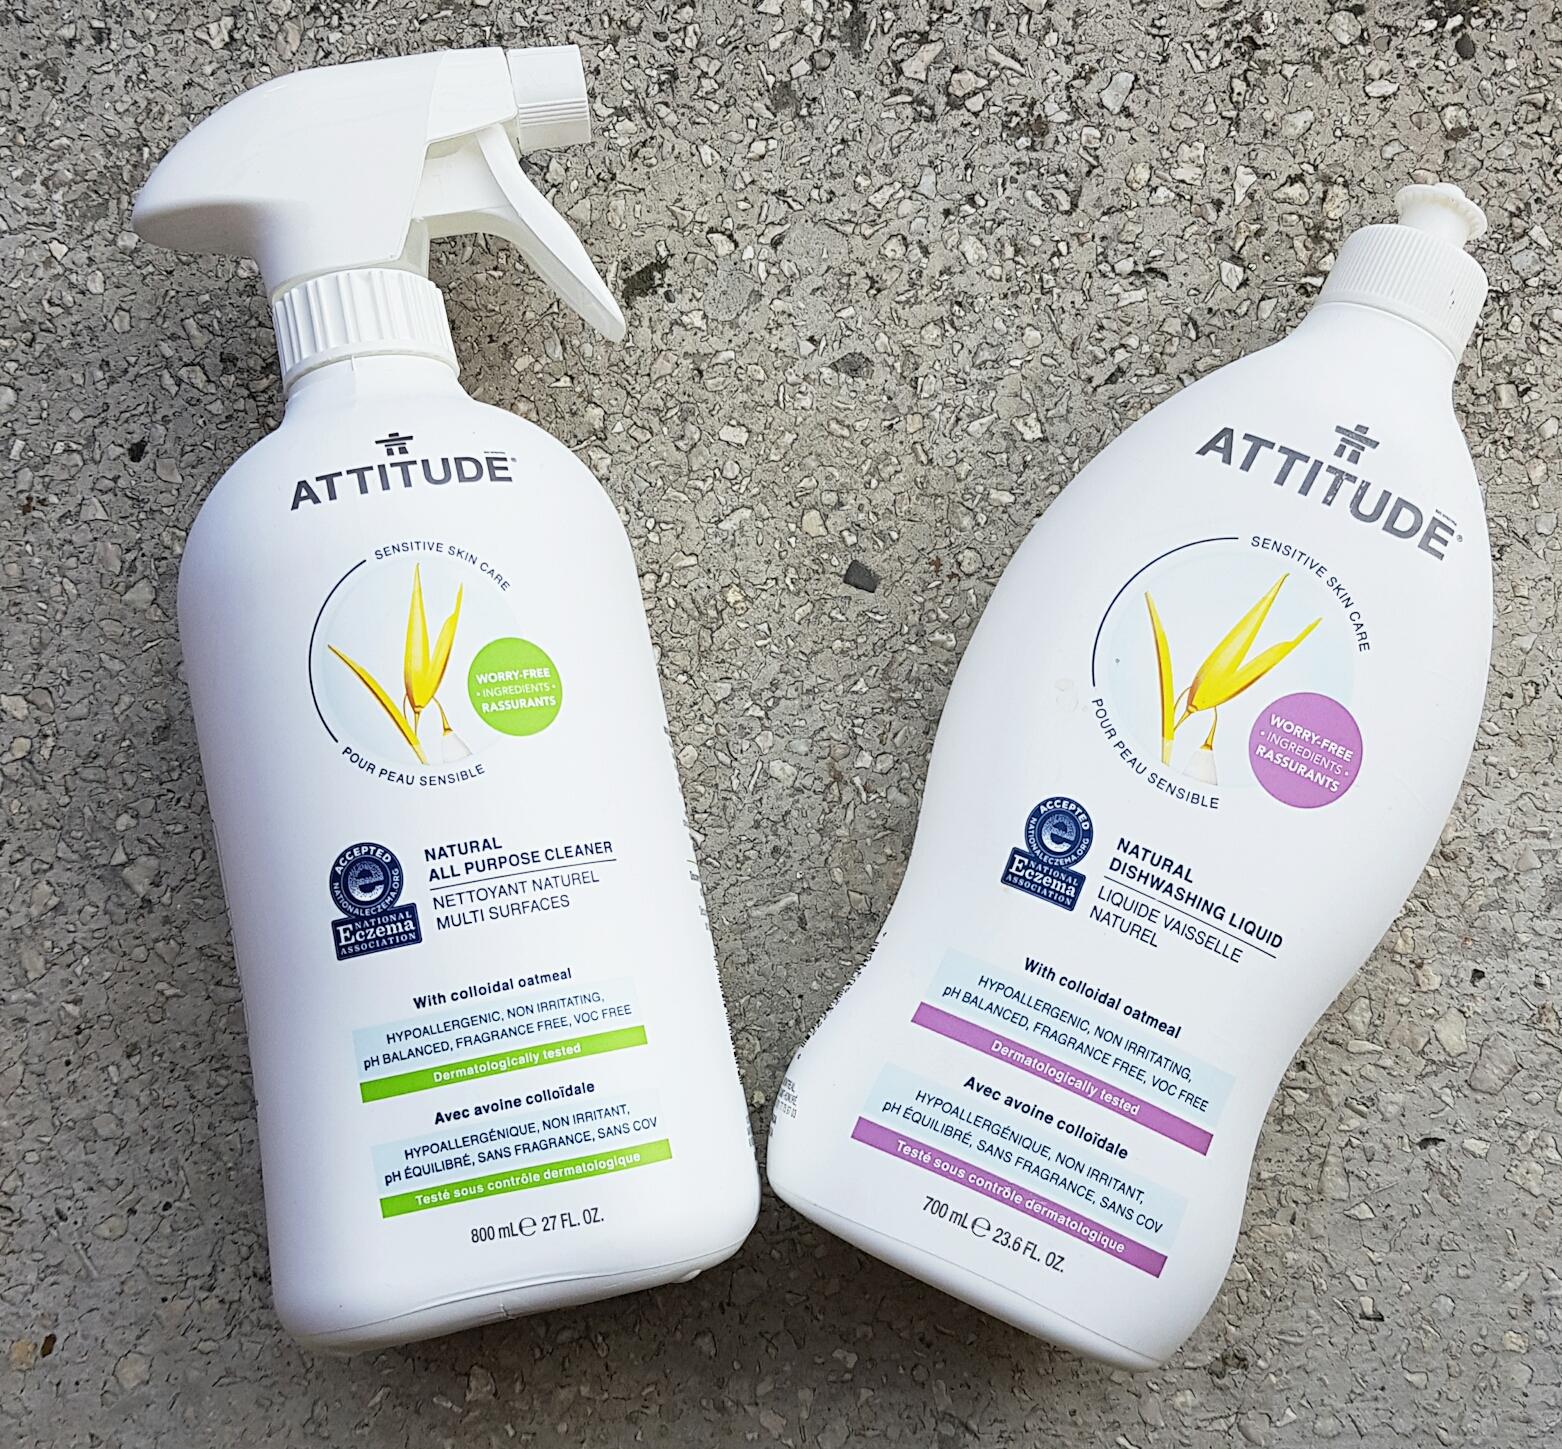 Gama Attitude Sensitive Skin - soluție universală și detergent lichid pentru vase Attitude vegan Cruelty-free ecologo